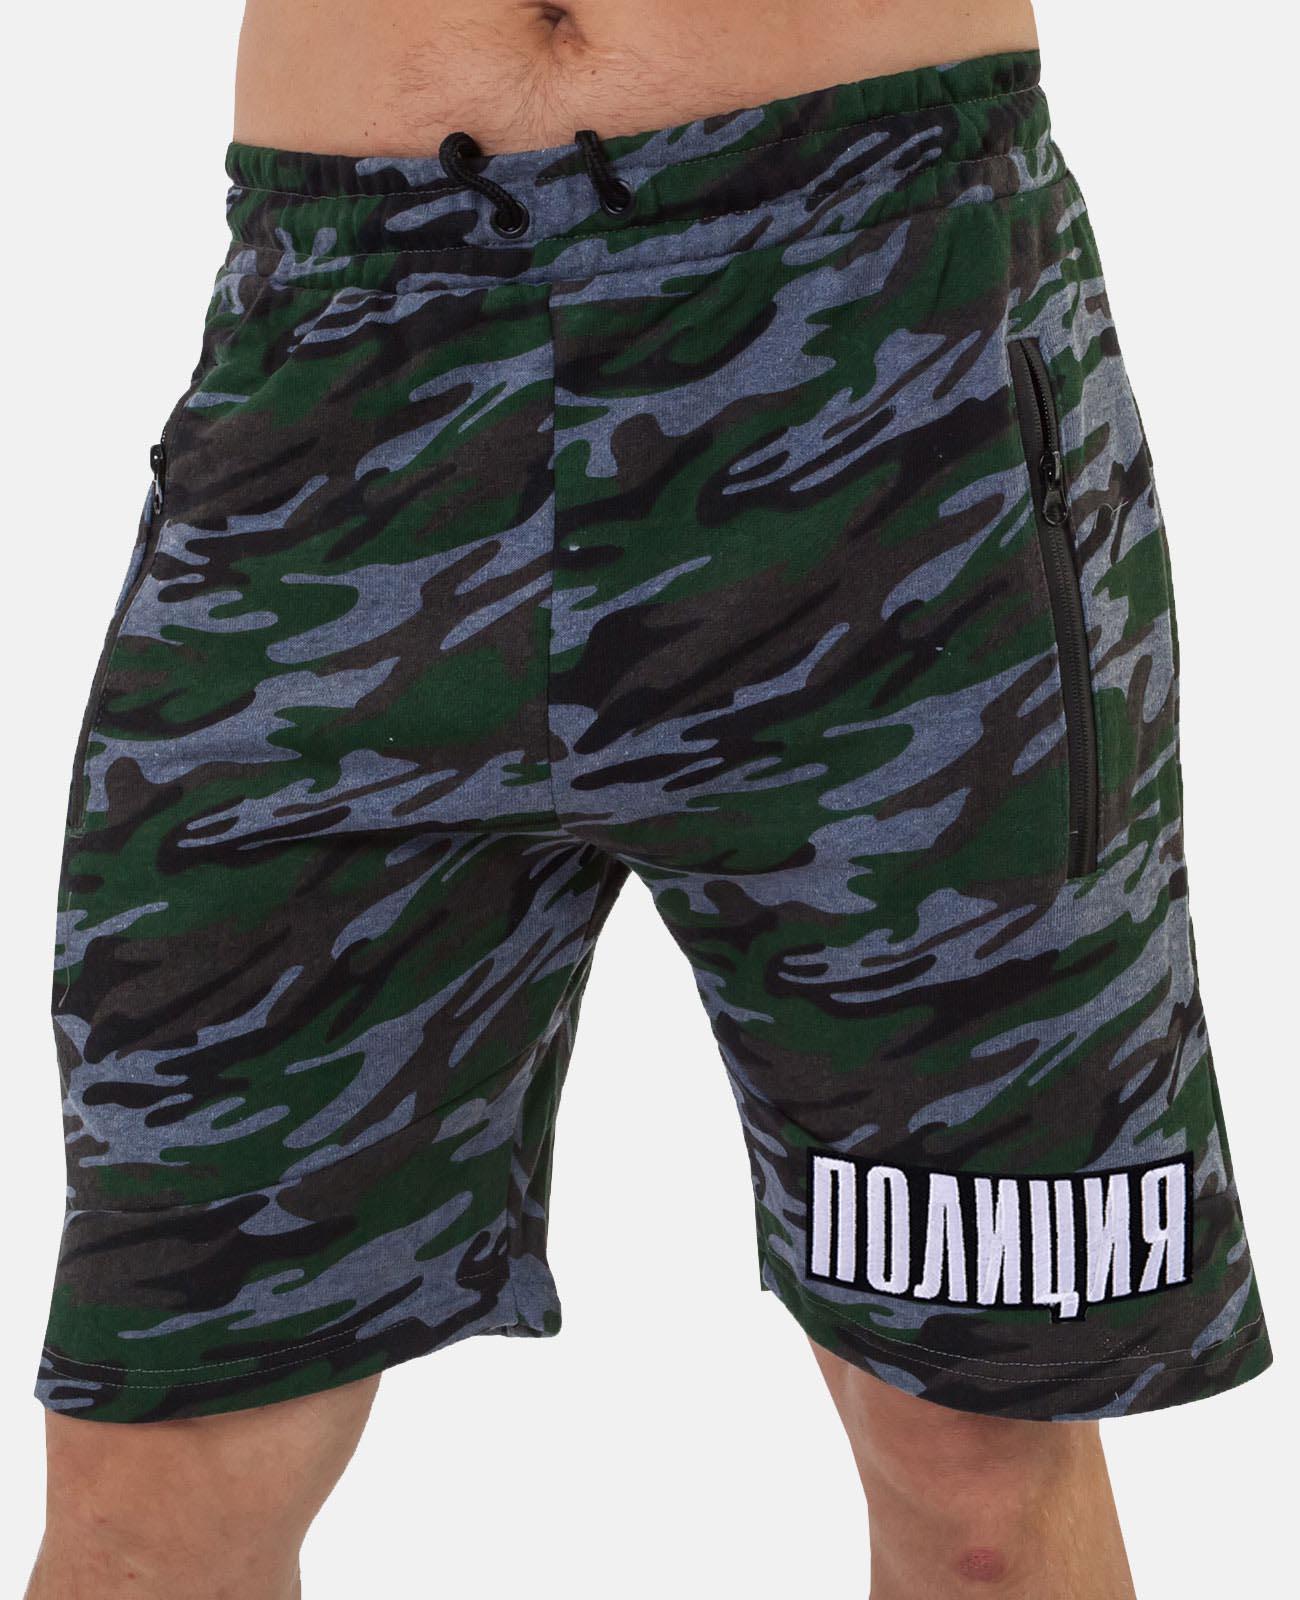 Купить надежные милитари шорты с нашивкой ПОЛИЦИЯ в подарок любимому